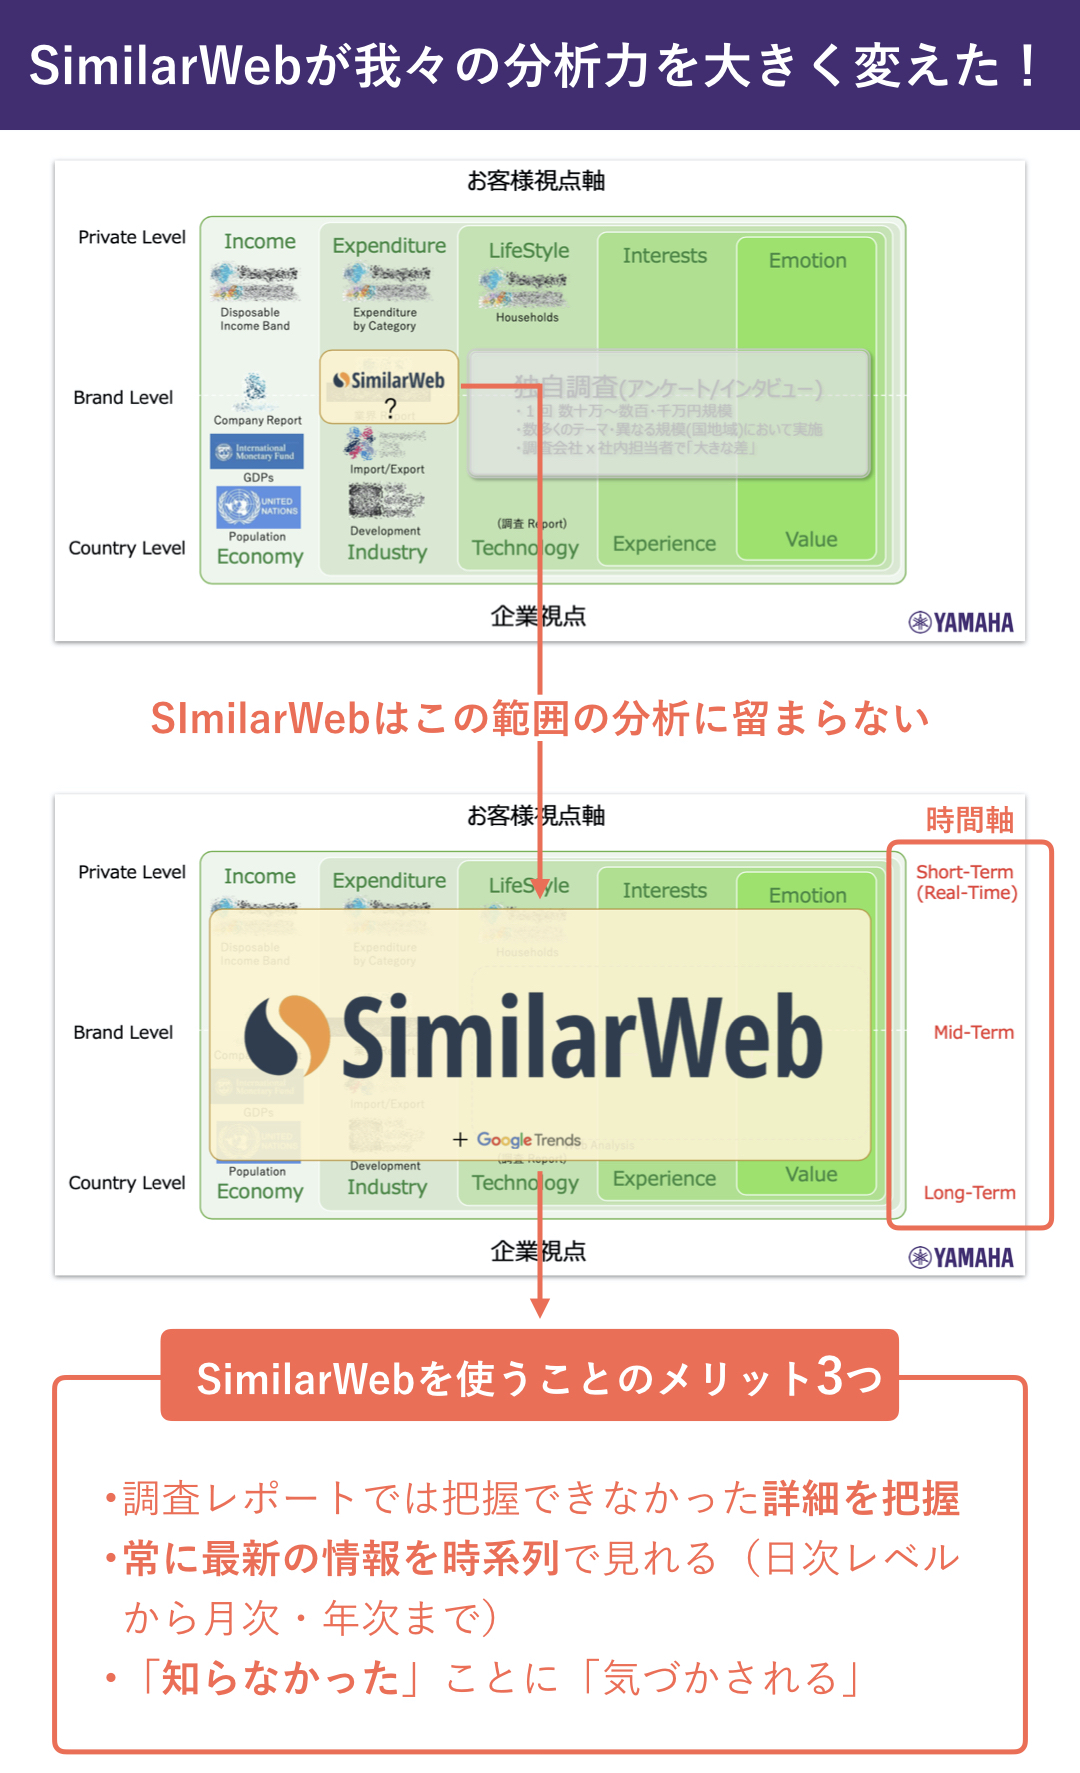 ヤマハ株式会社:濱崎司_SimilarWebが我々の分析力を大きく変えた!